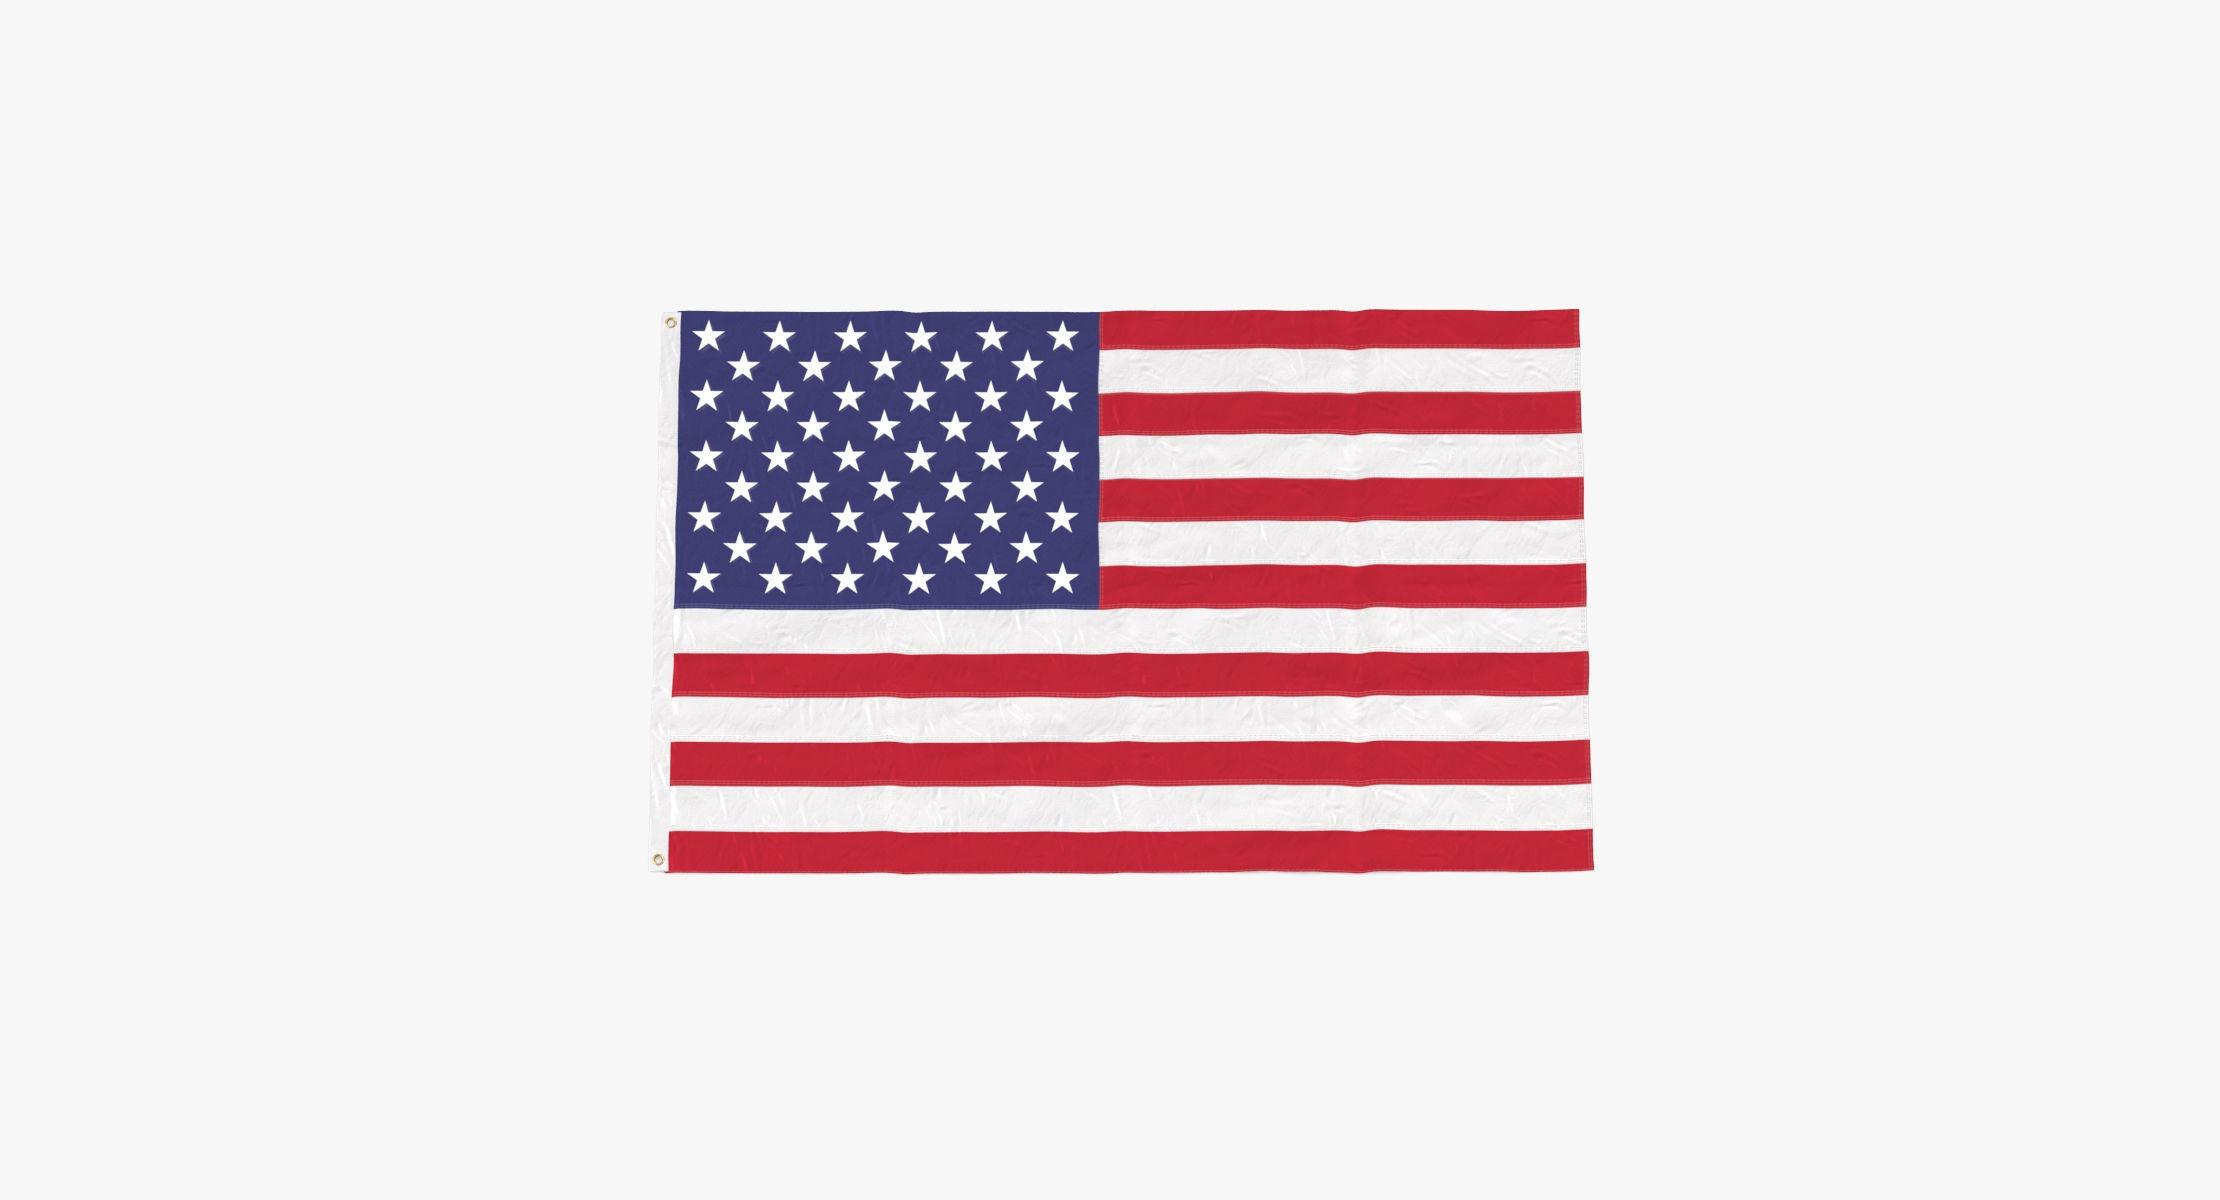 US flag 02 - reel 1